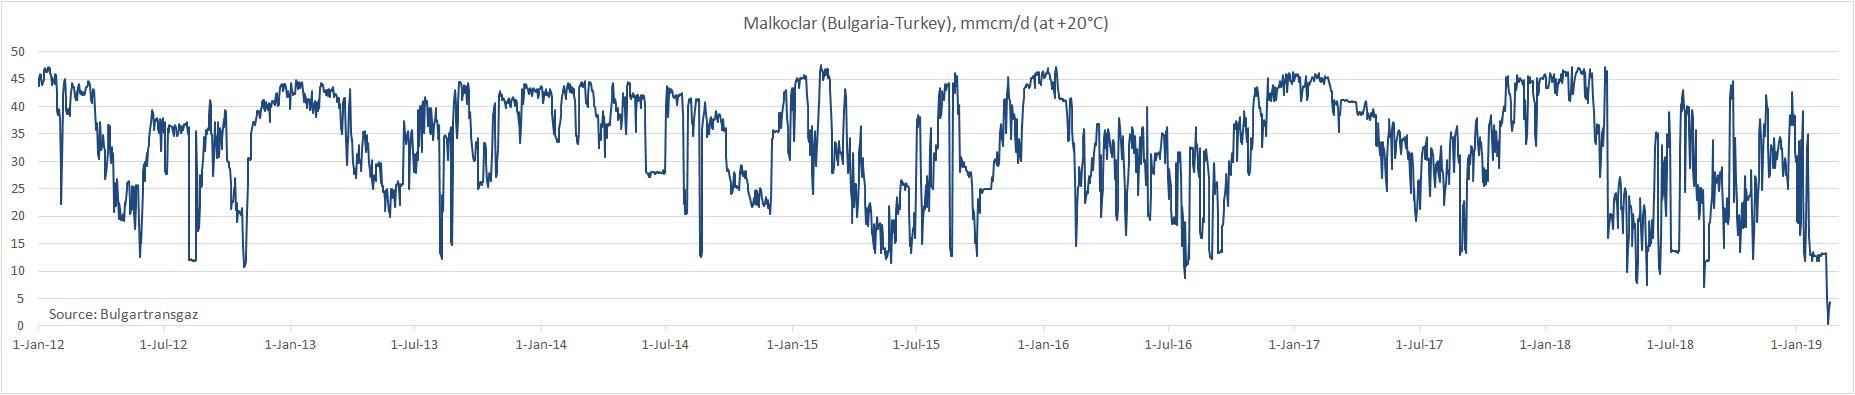 В январе поставки газа через Трансбалканский газопровод в Турцию снизились на 56%